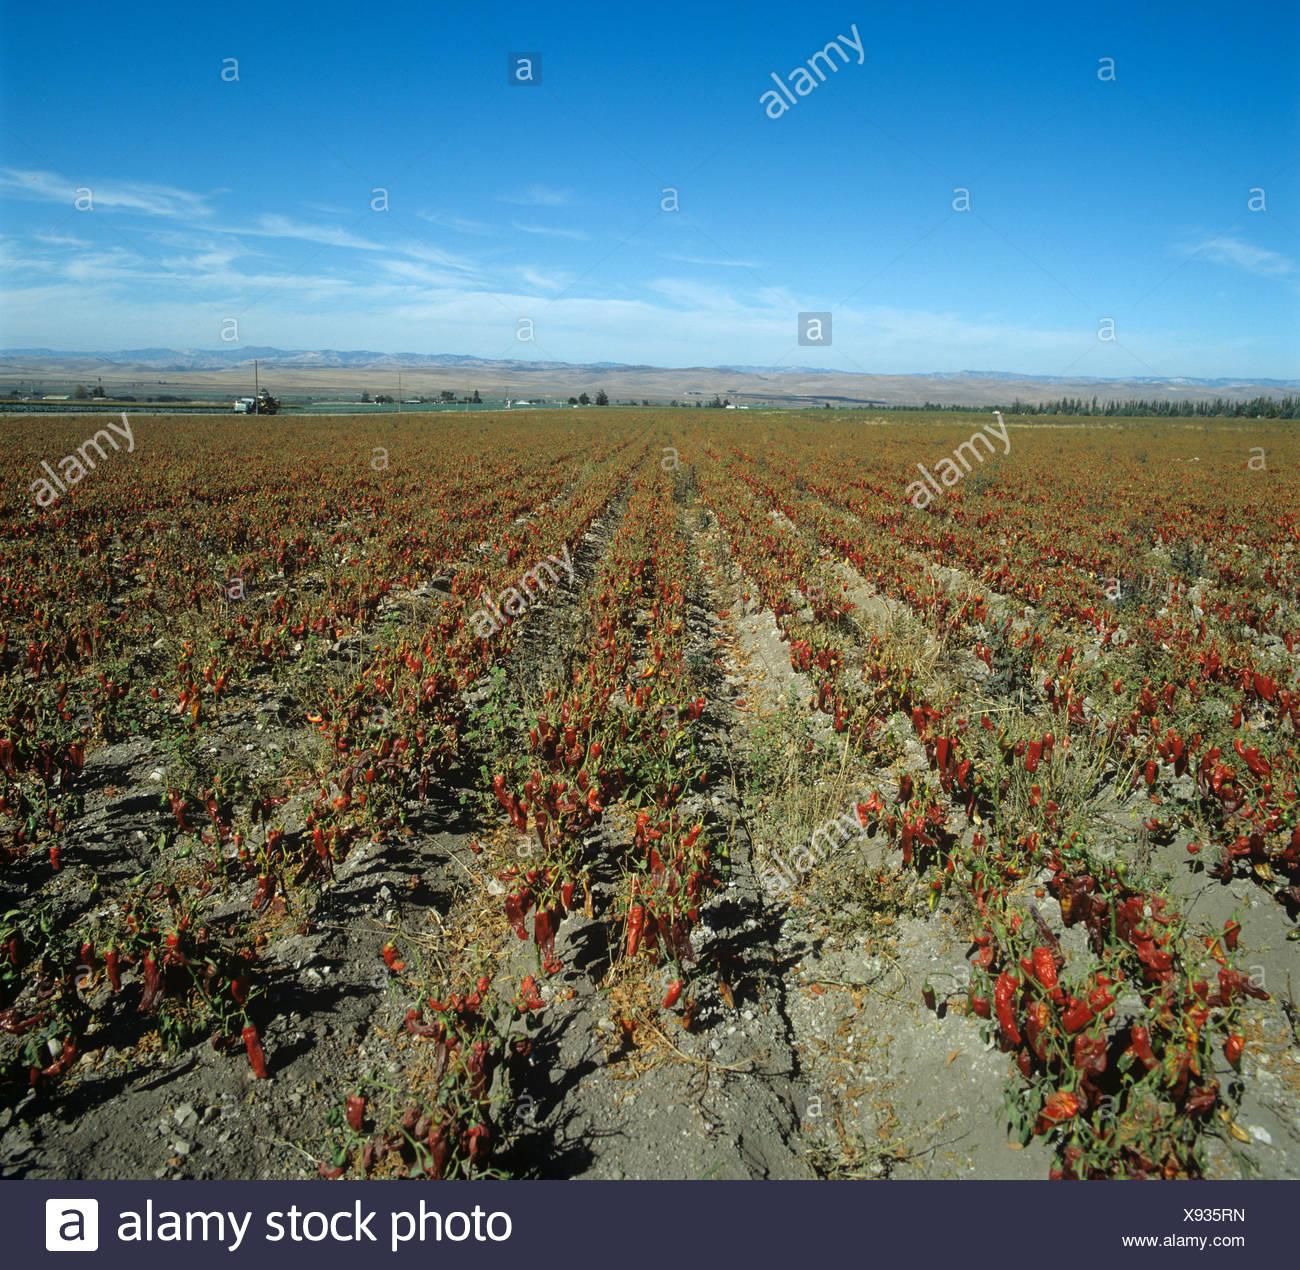 Le poivron dans la récolte des fruits mûrs séchage au soleil California USA Photo Stock